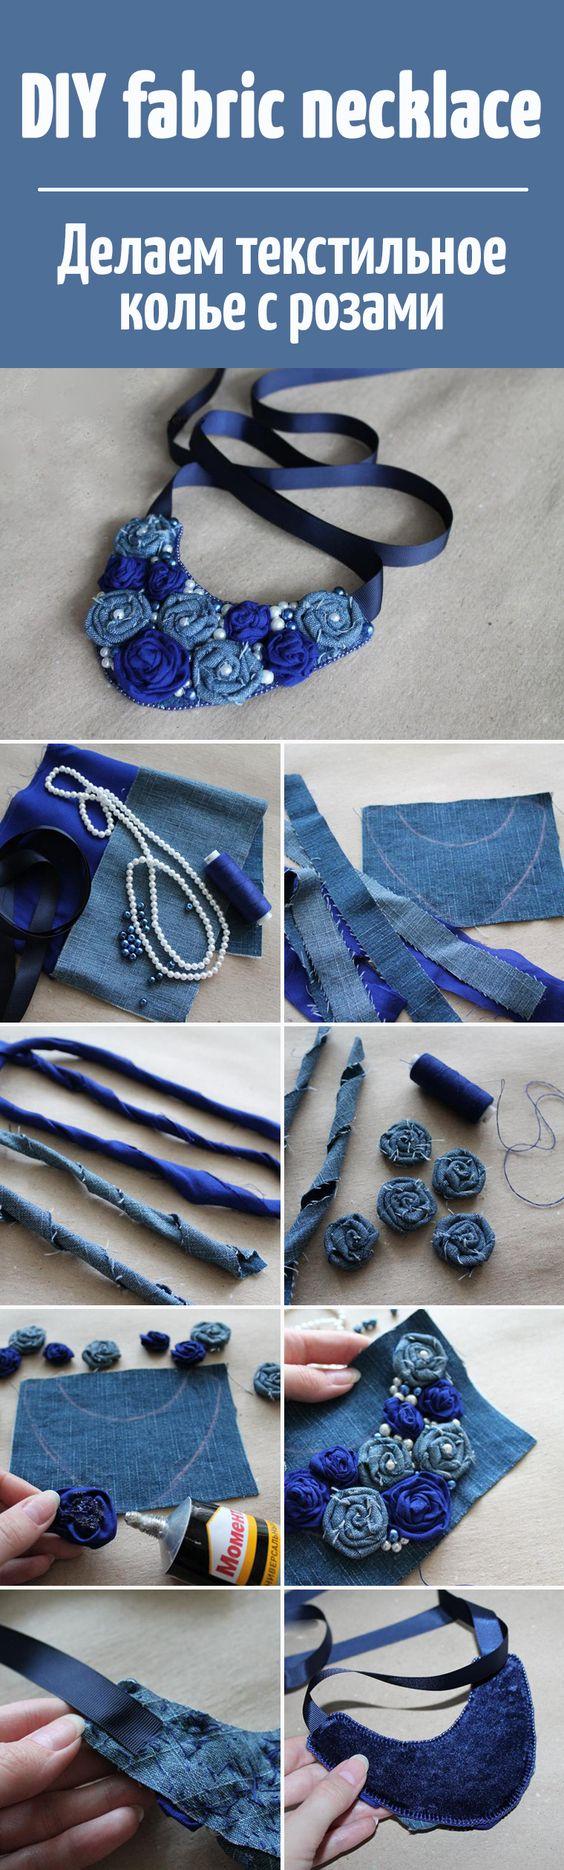 make necklaces 1